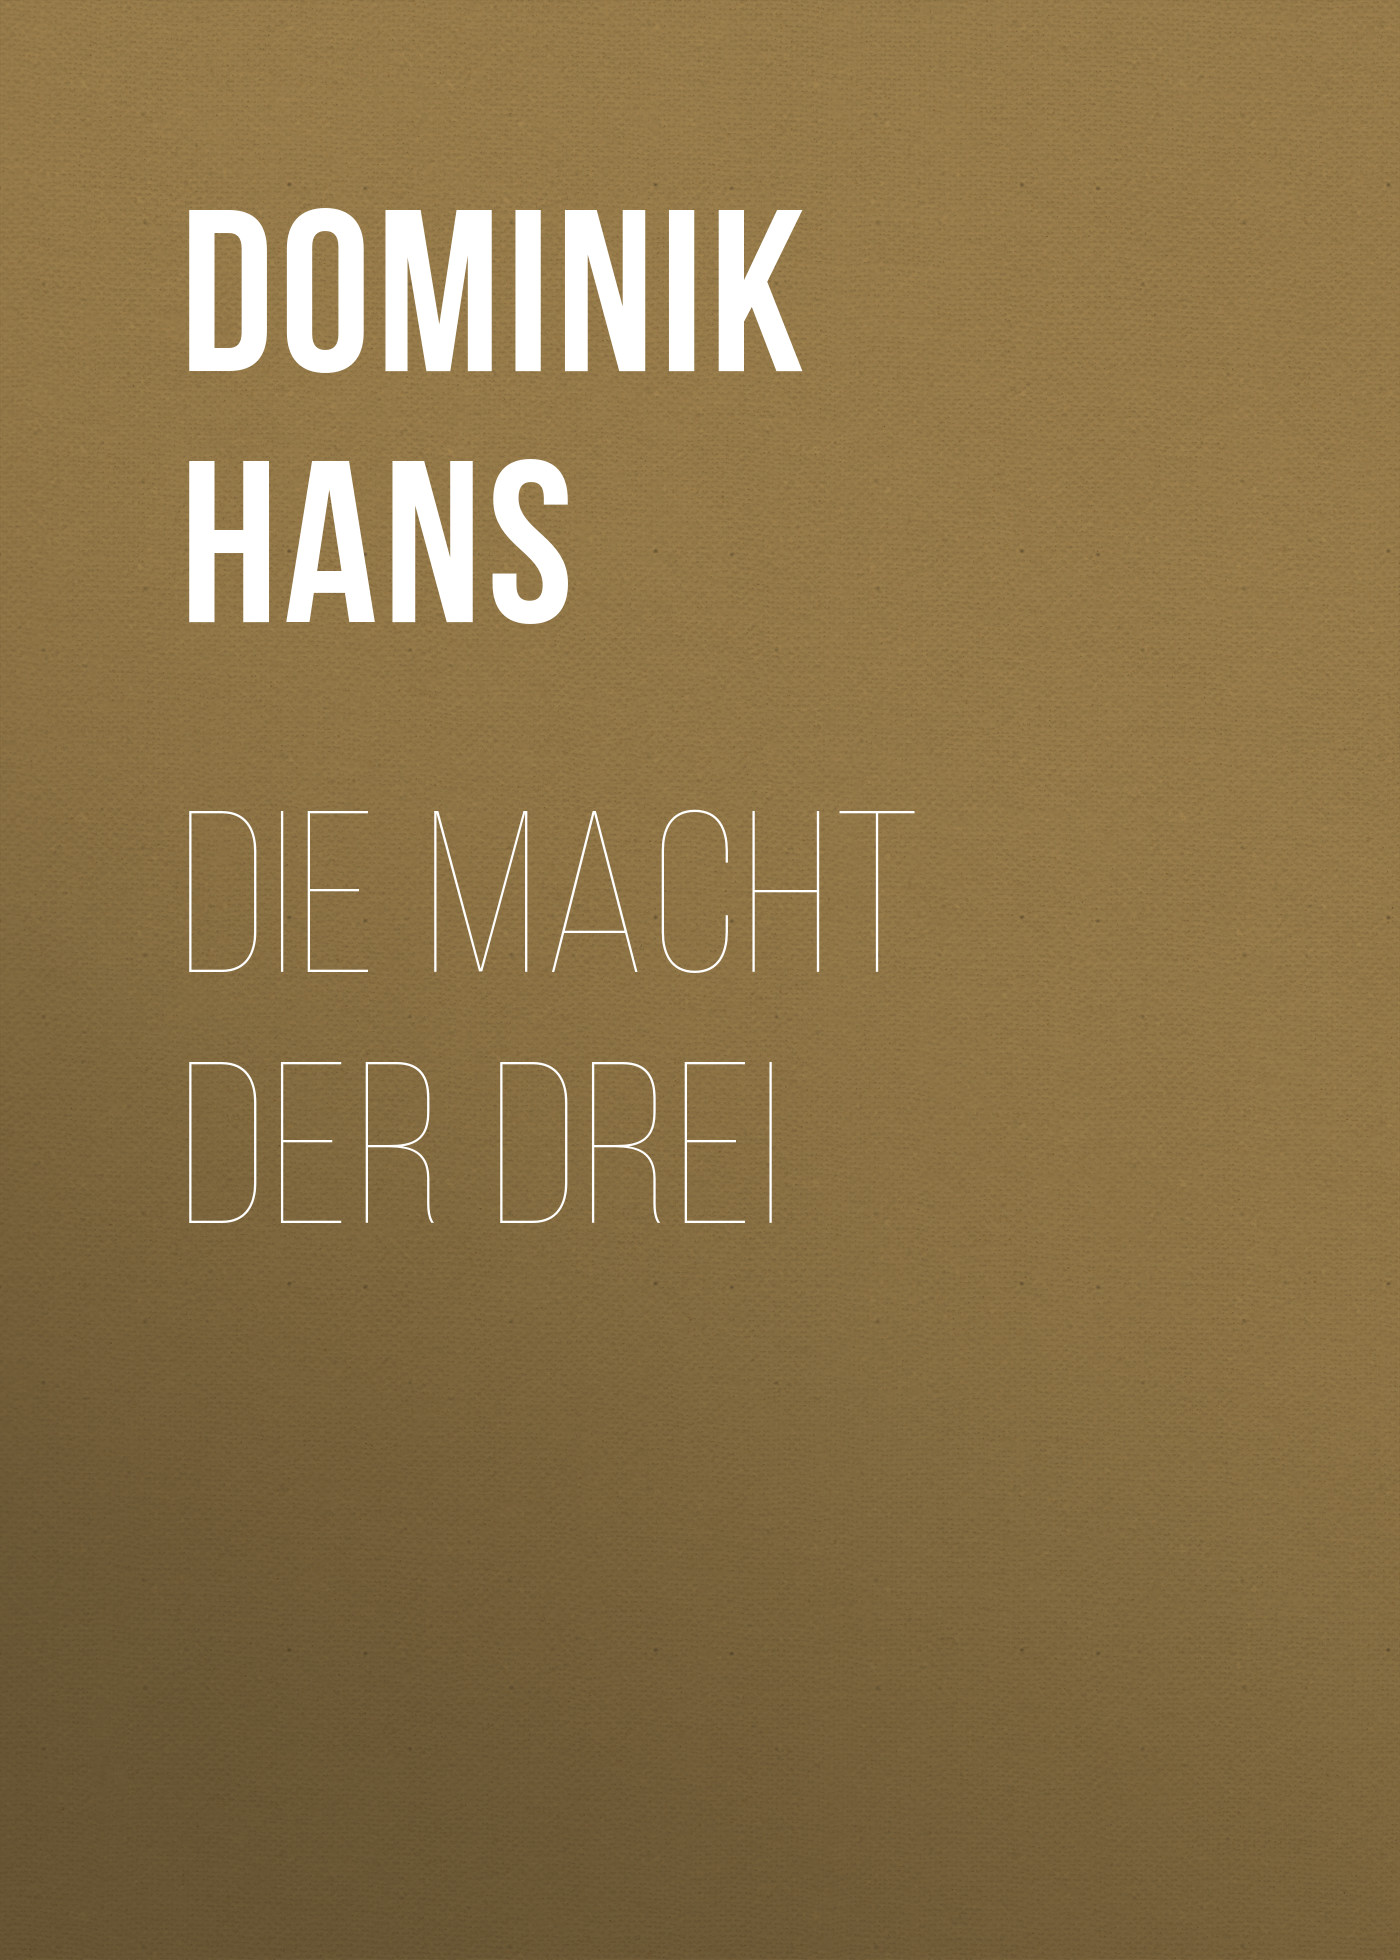 Dominik Hans Die Macht der Drei